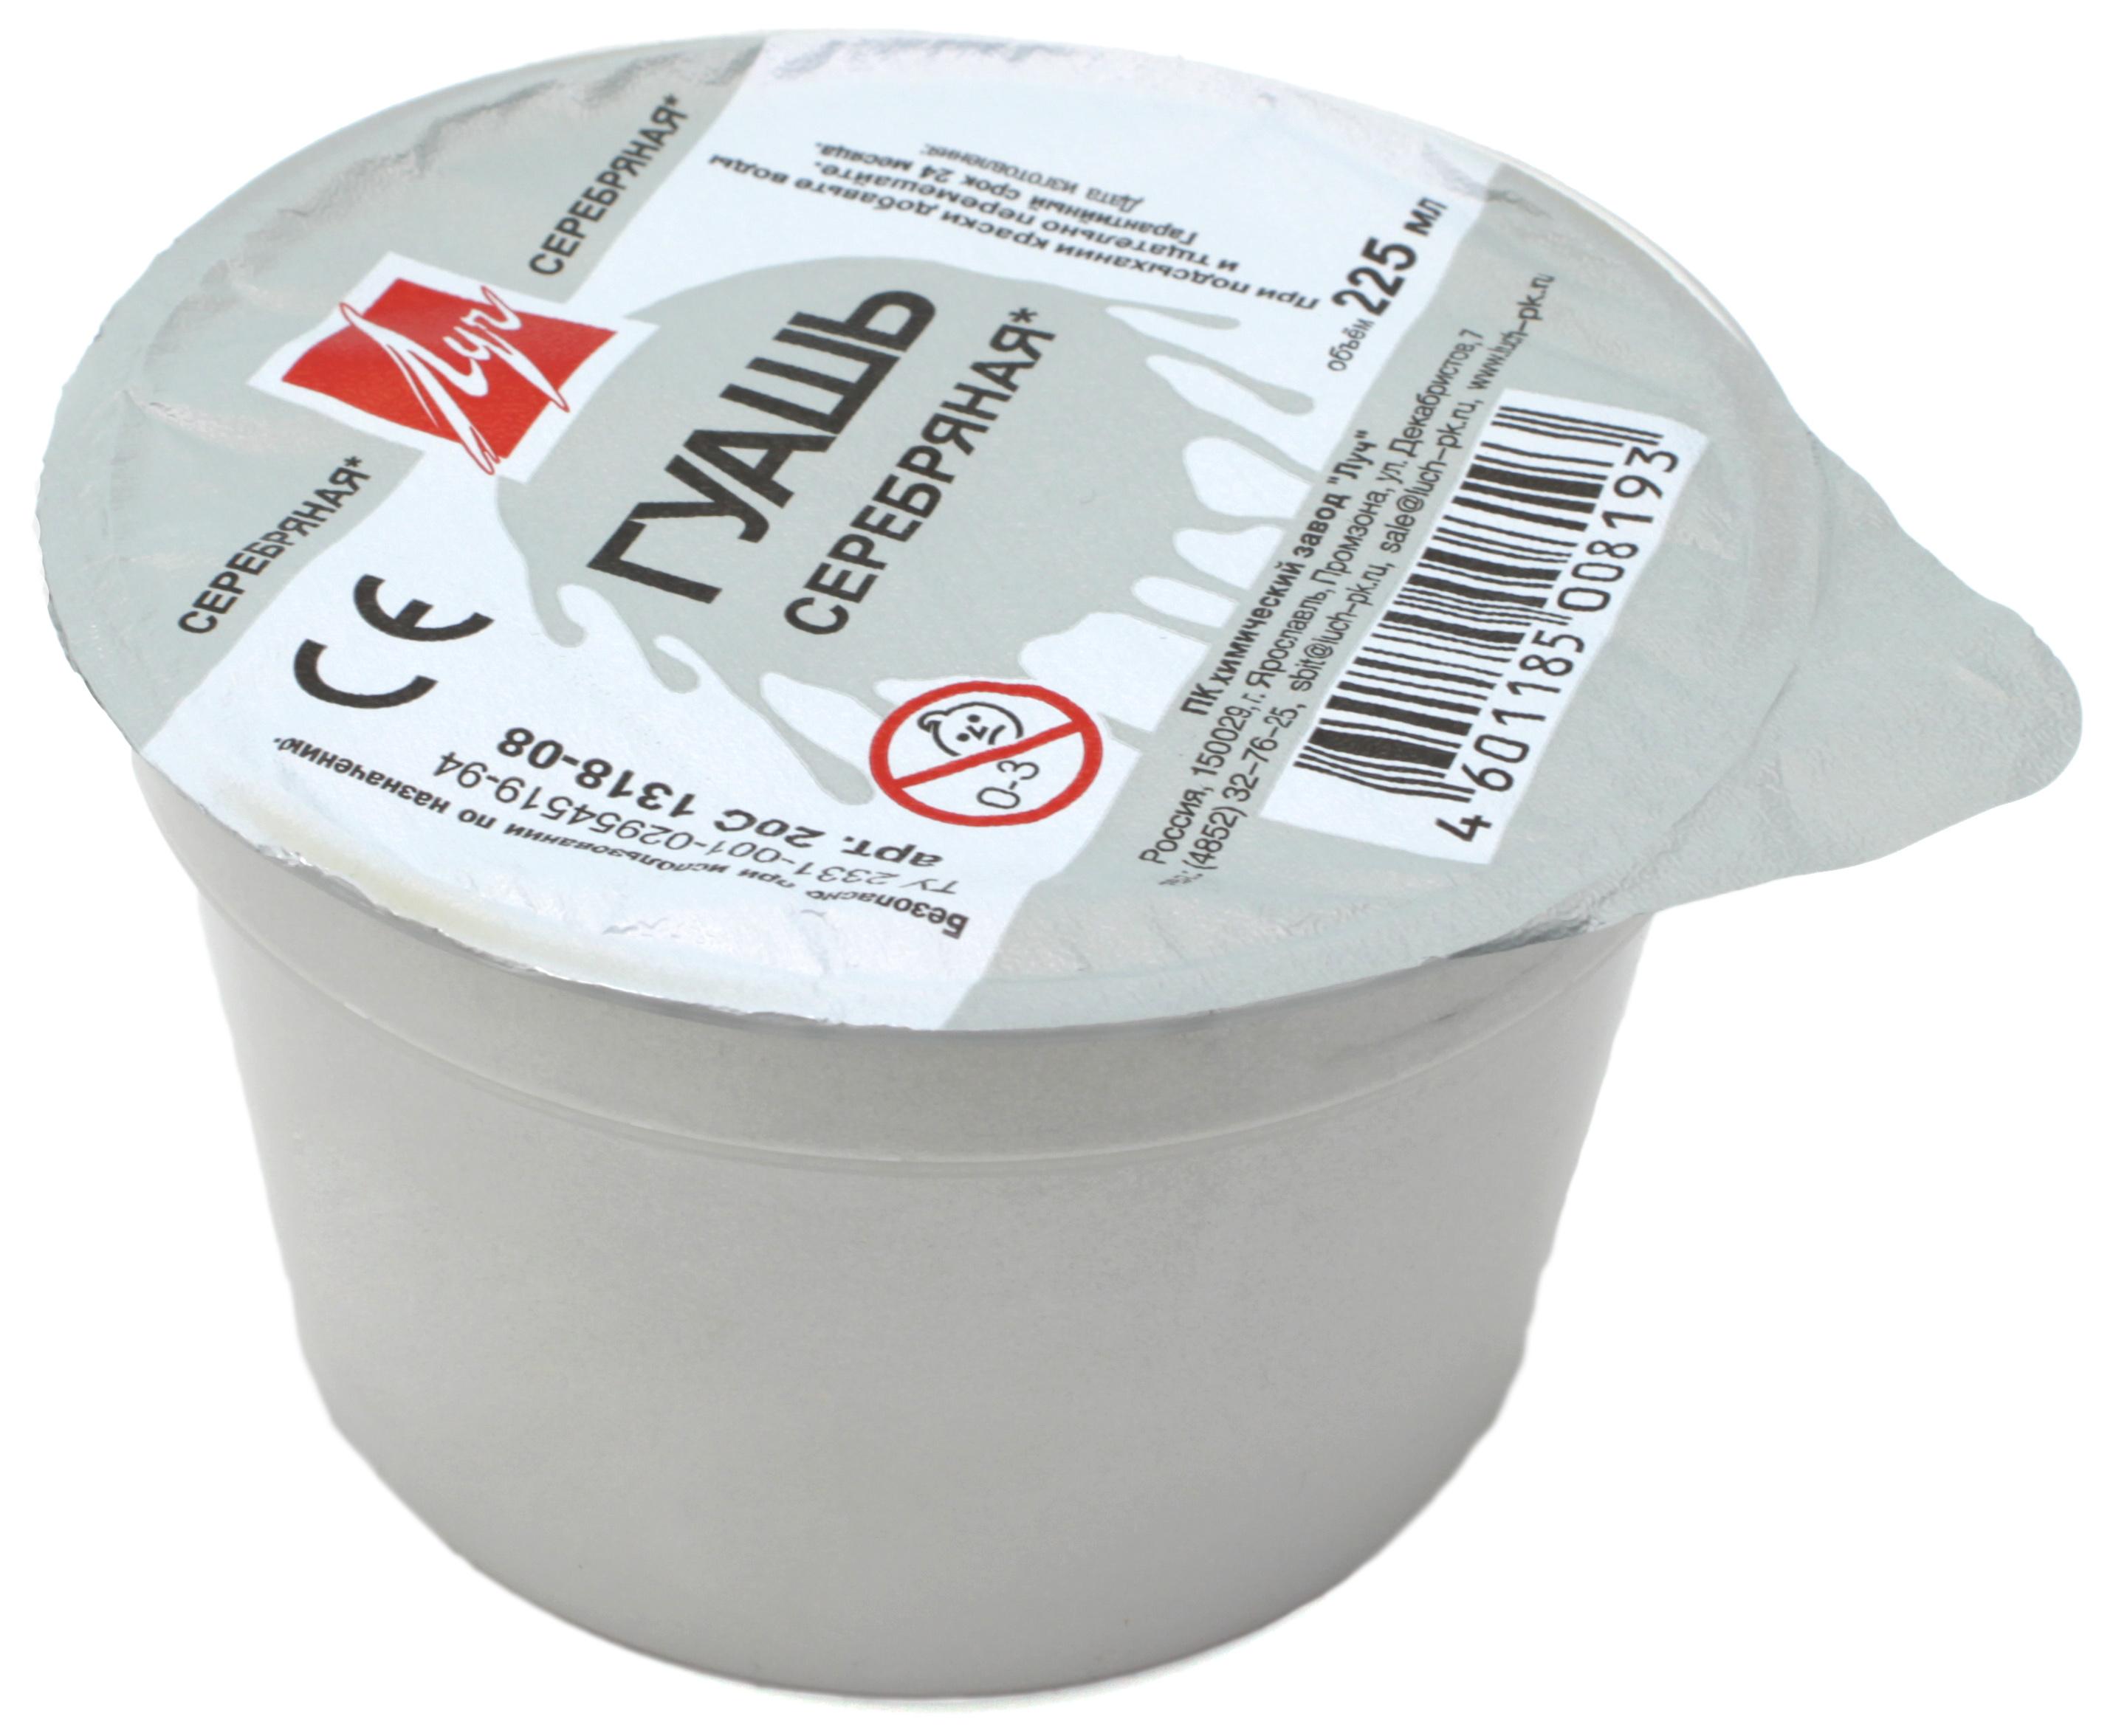 Луч Гуашь цвет серебряный 225 мл20С 1318-08Гуашь алая серебряная. Масса: 320 грамм. Прозрачная, водоразбавляемая, быстро сохнет. Помещена в пластиковую упаковку с прозрачной крышкой. Продукт не токсичен.